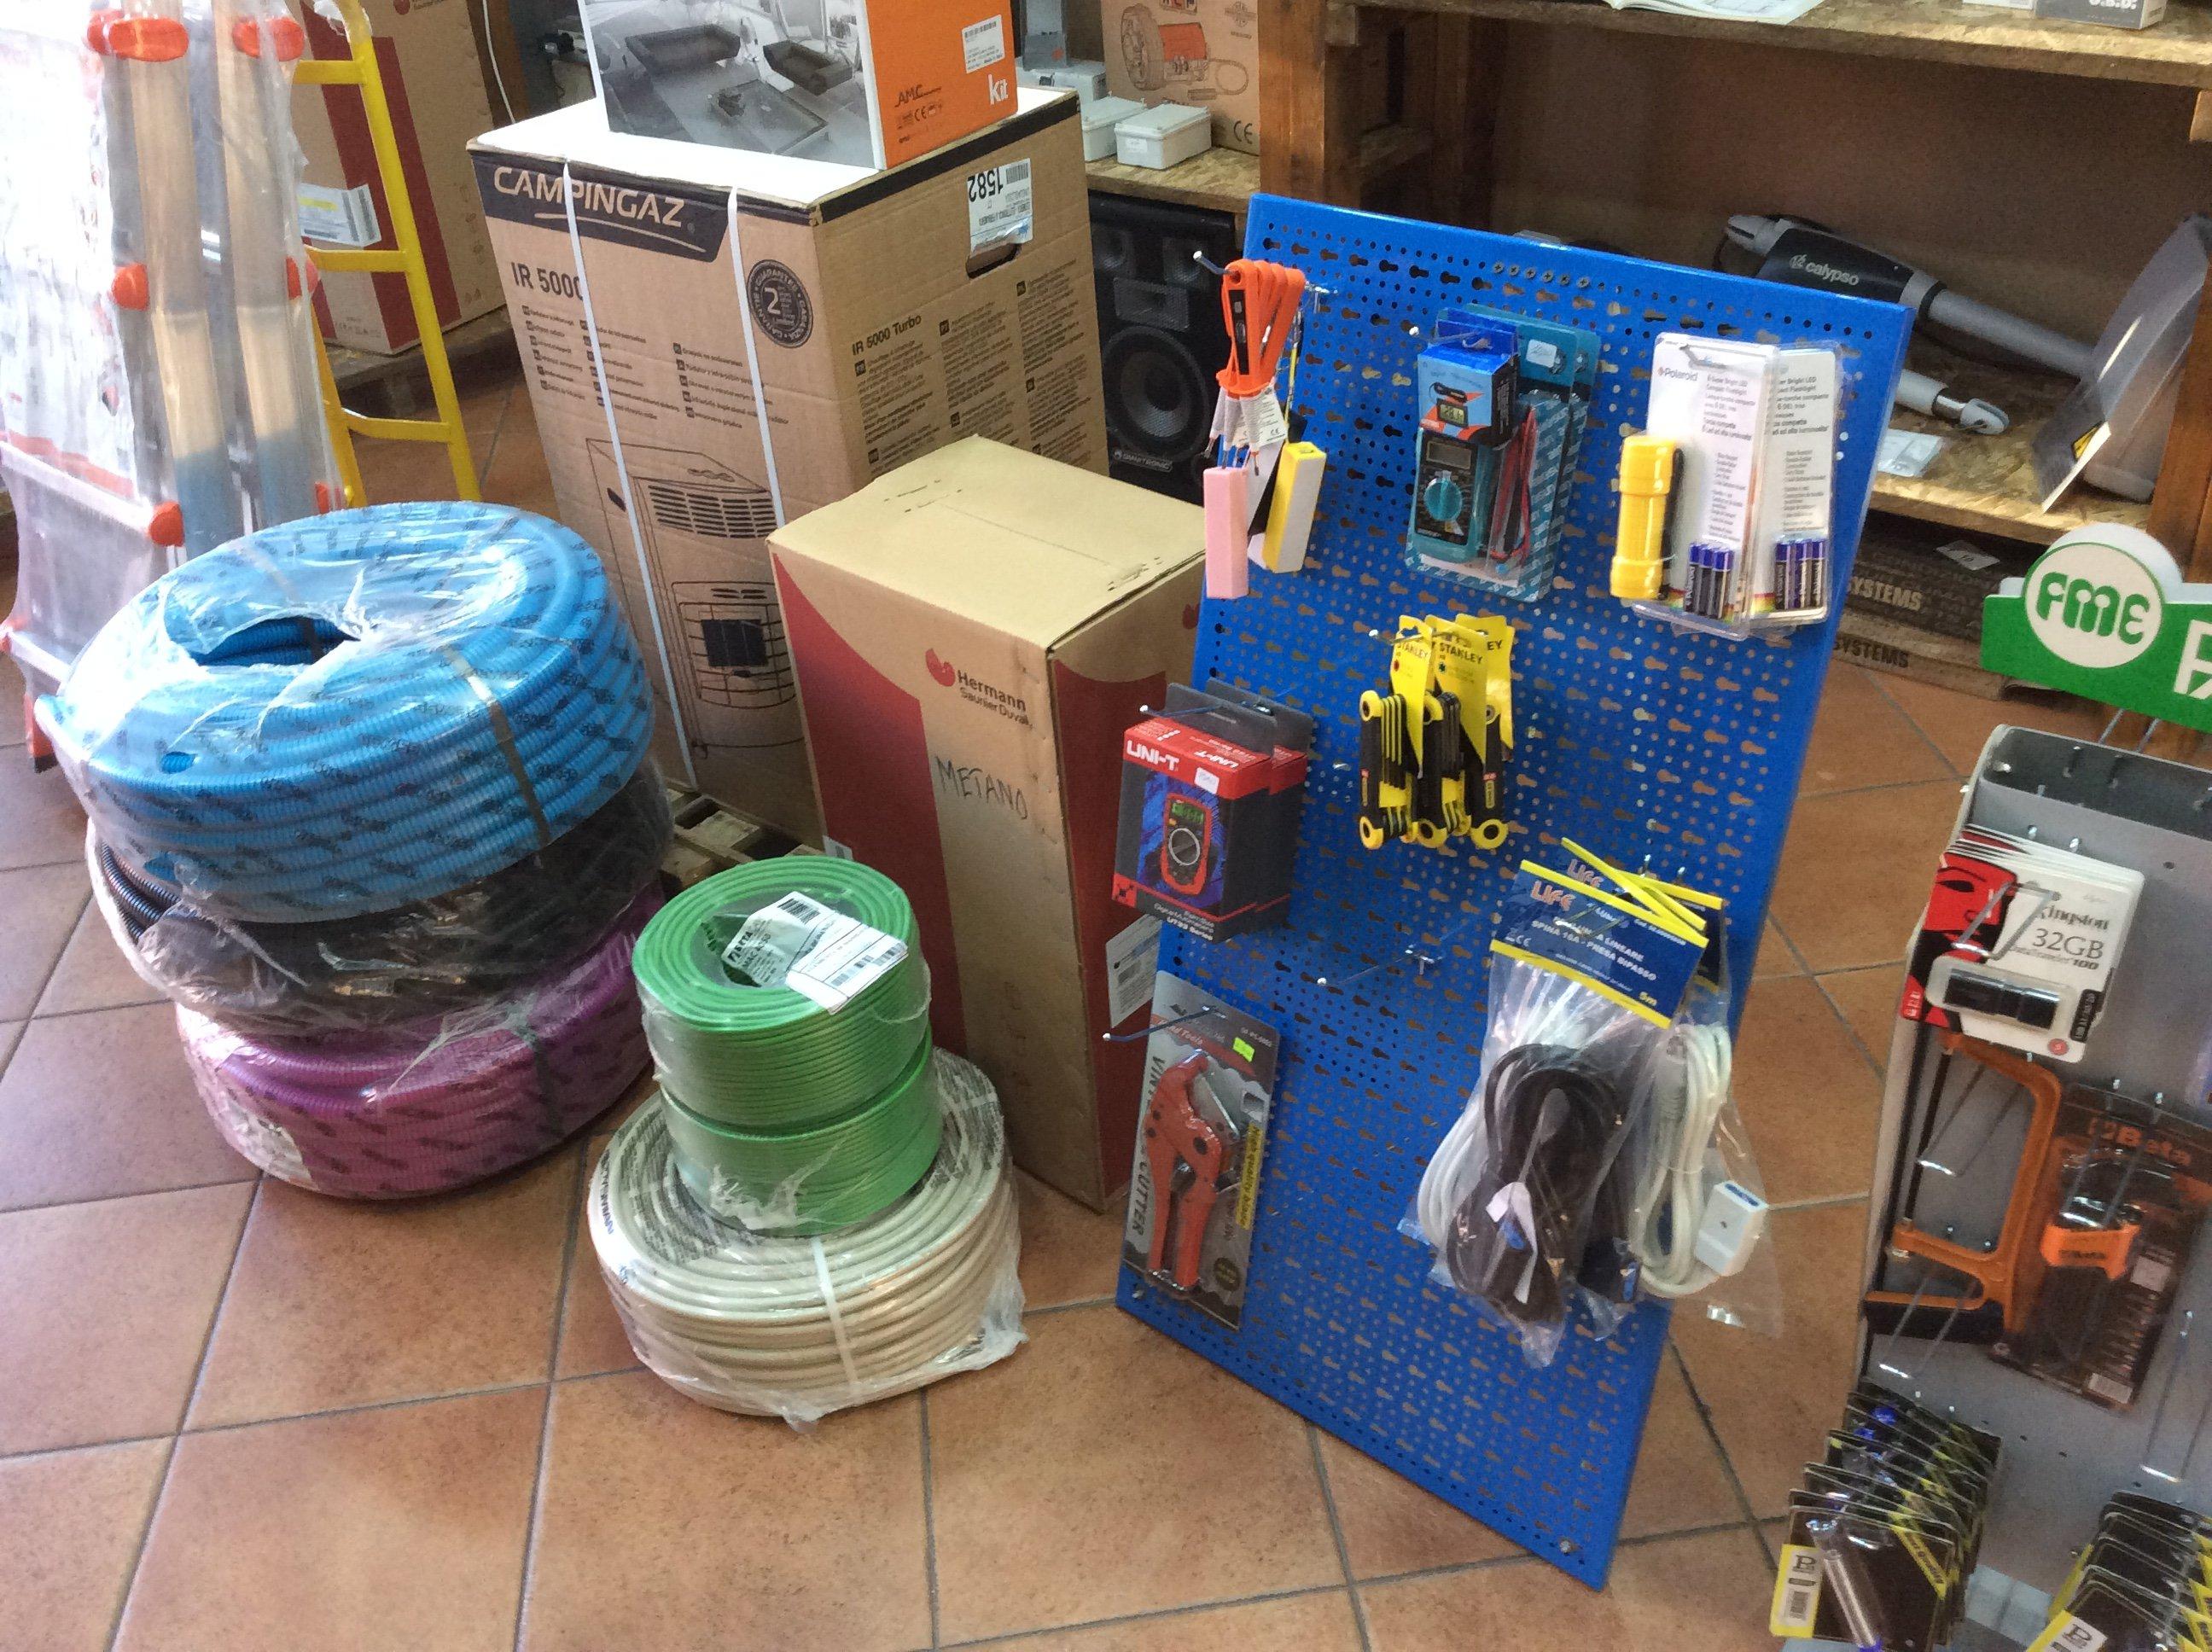 dei cavi arrotolati e dei prodotti appesi su dei piccoli pannelli